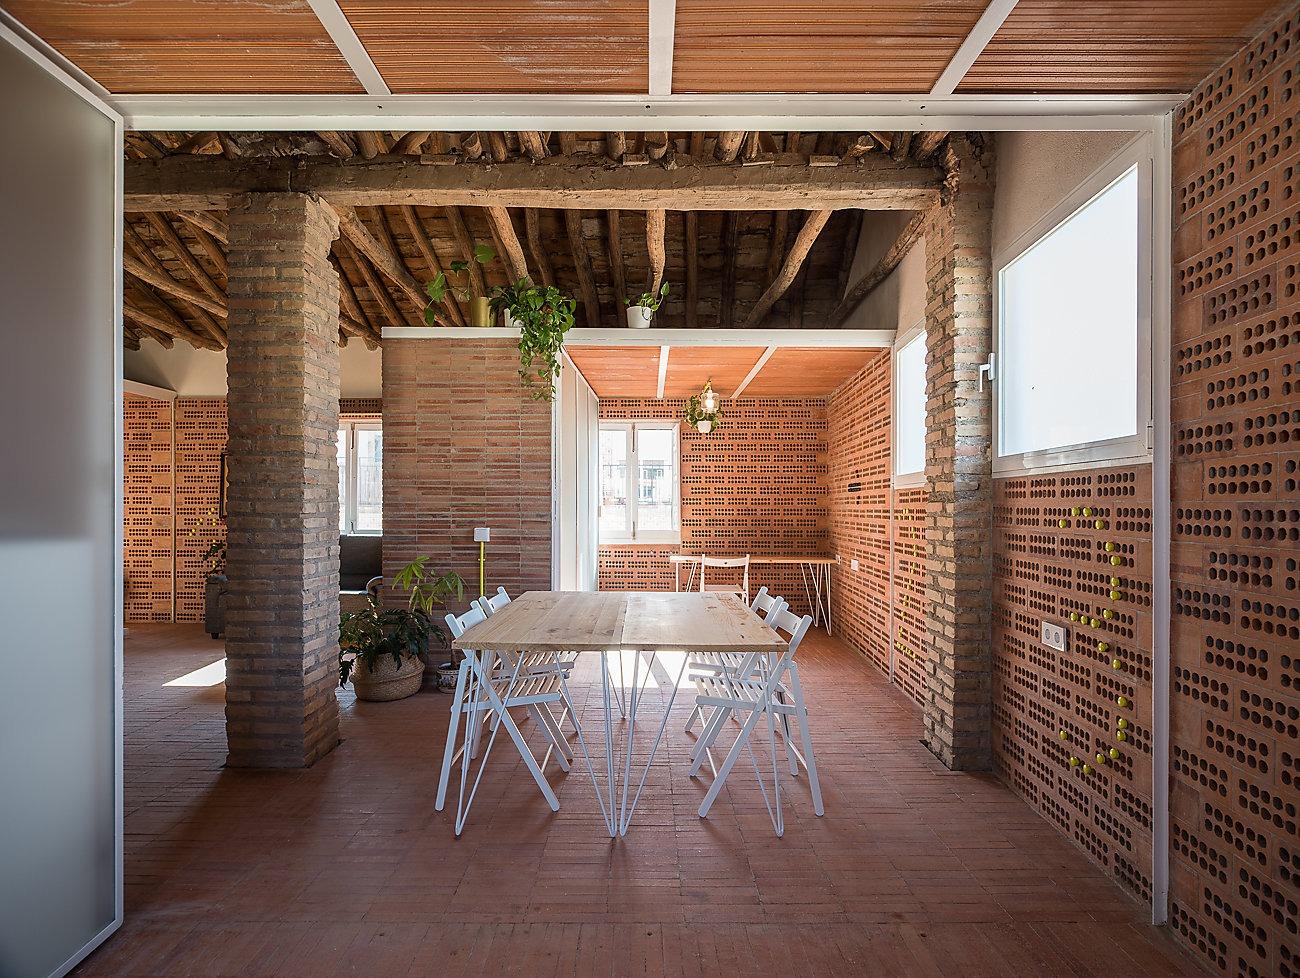 Casa buhardilla en granada la huerta arquitectos javier orive fotograf a de arquitectura - Arquitectos en granada ...